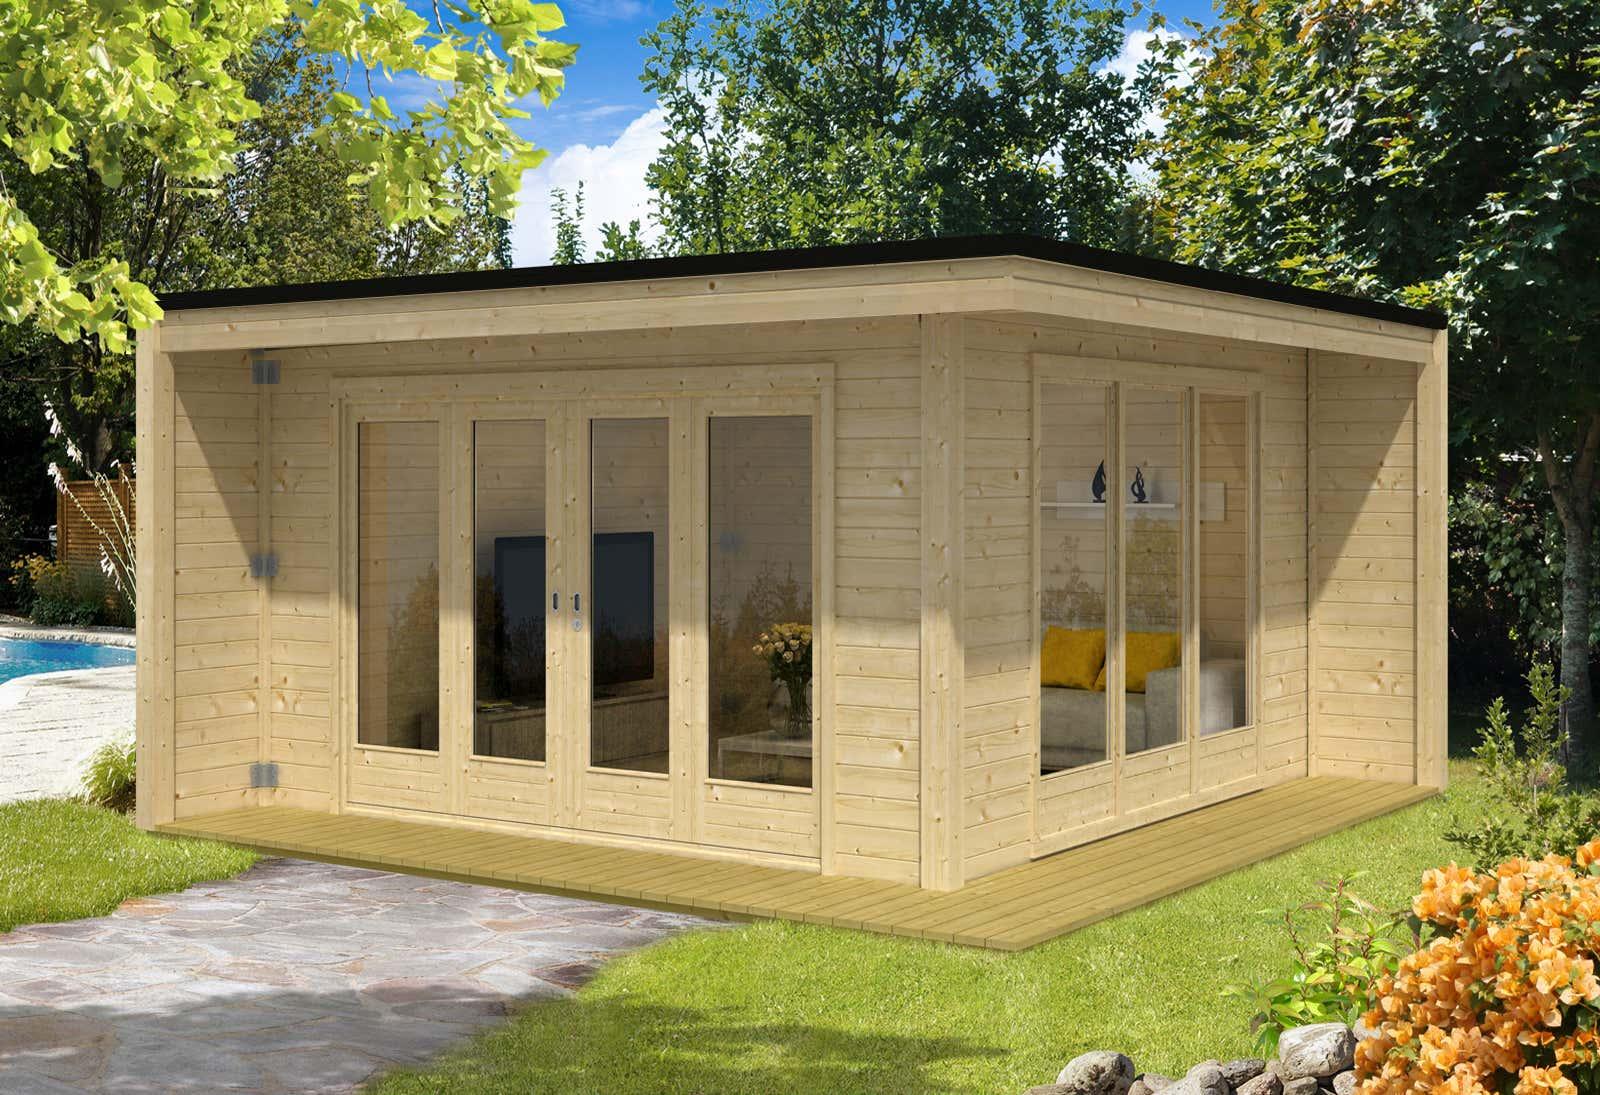 Design gartenhaus cubus capri40 a z gartenhaus gmbh - Gartenhaus design ...